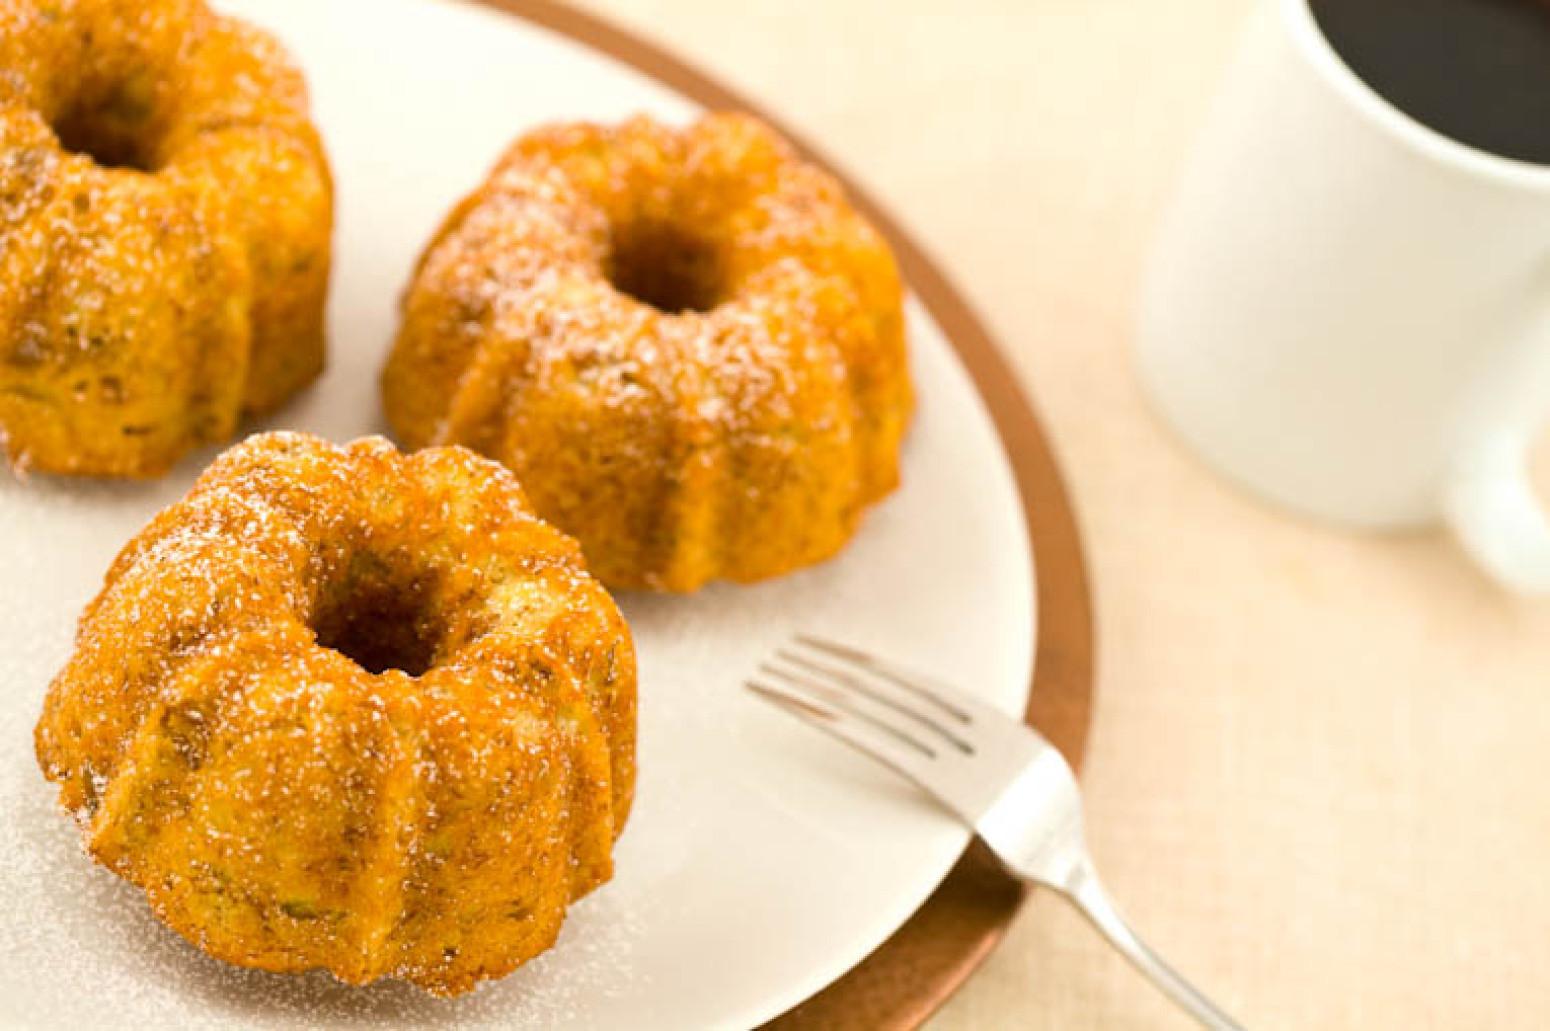 Healthy Bundt Cake Recipes  Easy Healthy Mini Banana Bundt Cakes Recipe